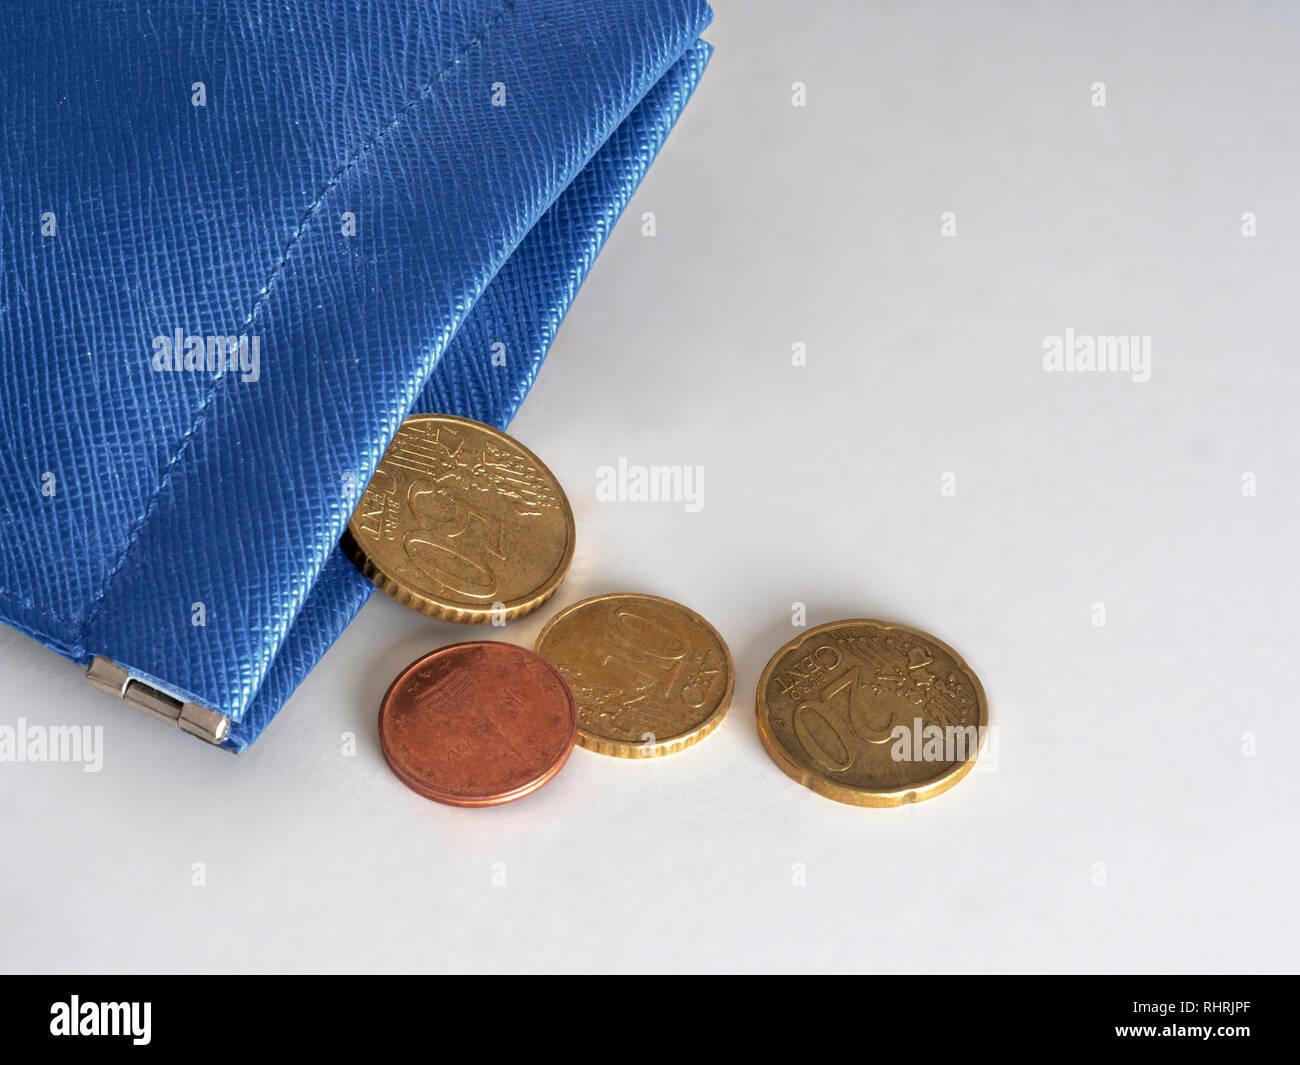 Sac à main bleu presque vide, à court d'argent, d'euros. La crise financière, bancaire, l'Union européenne, l'Europe, l'Italie etc ou la pauvreté dans l'Union européenne. Concept, métaphore. Photo Stock